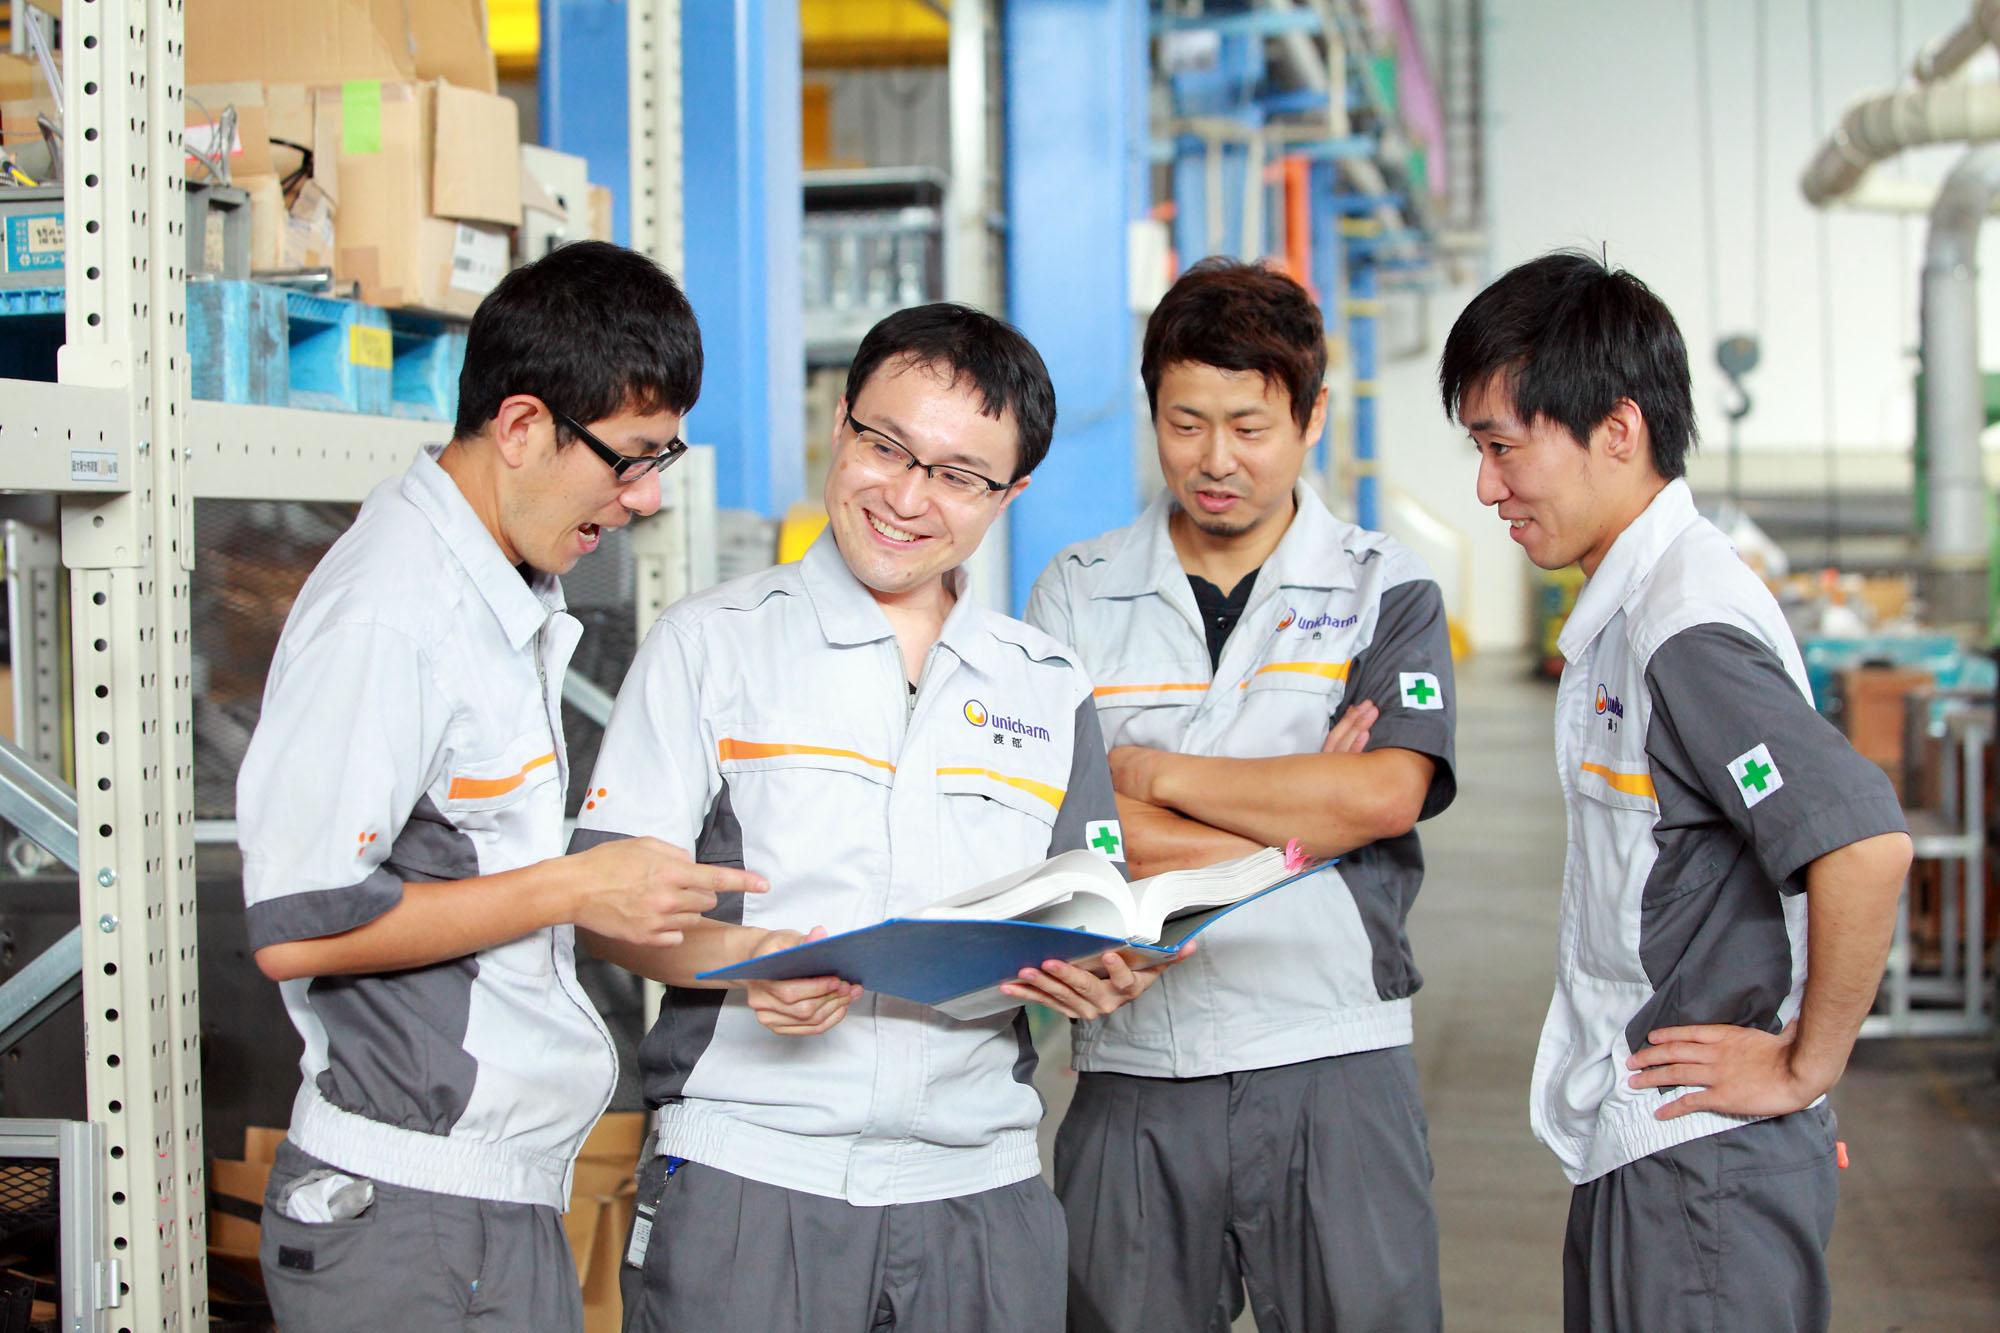 事業内容説明写真 ユニ・チャーム株式会社